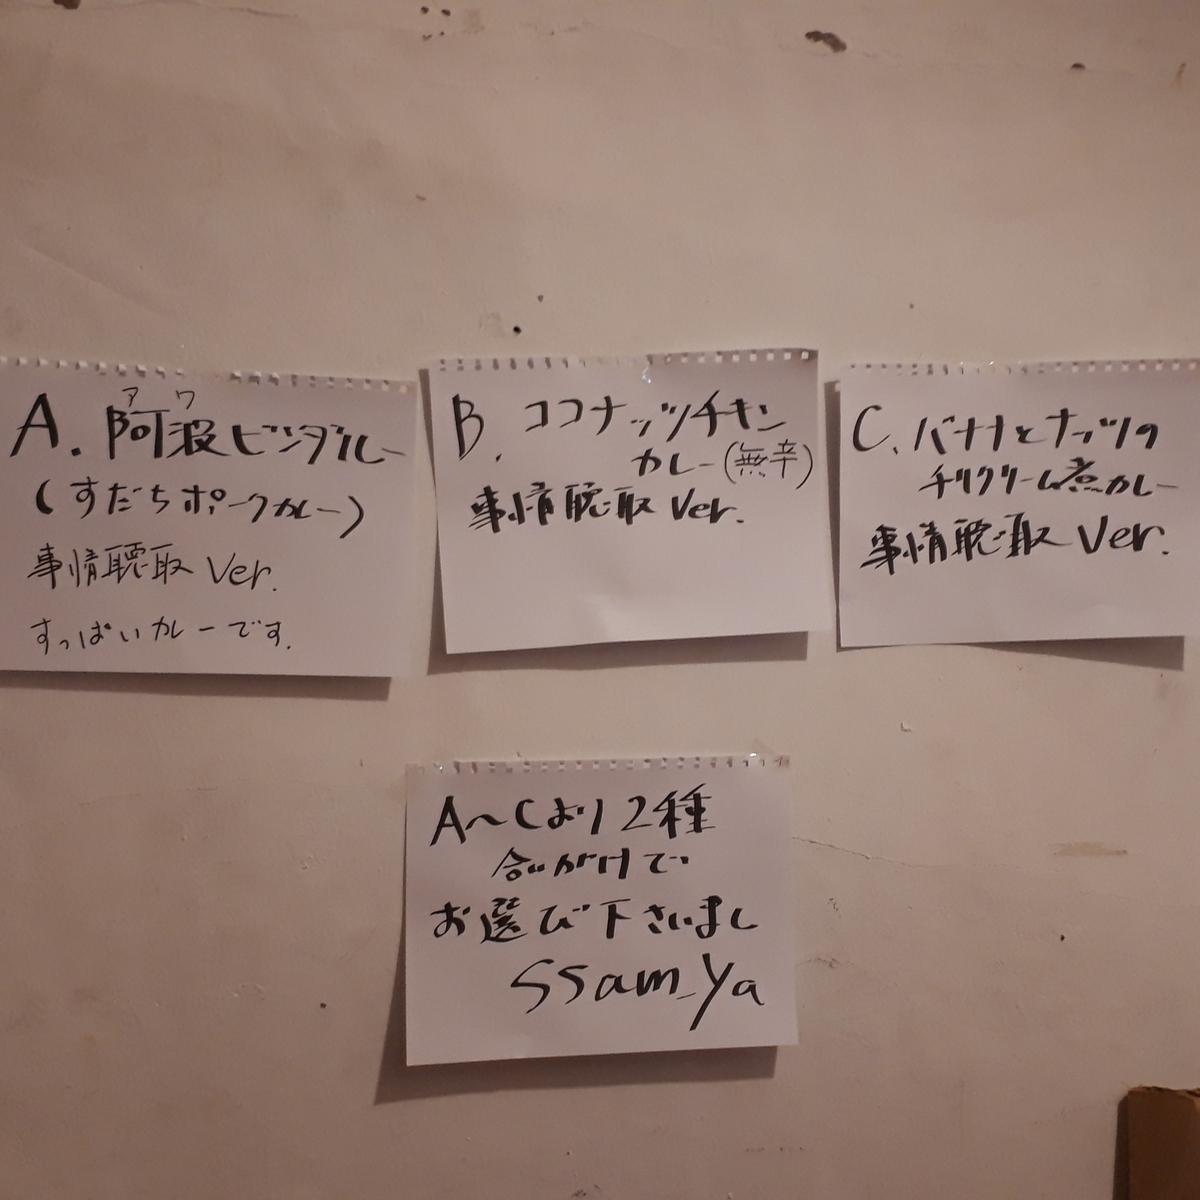 カレー事情聴取Vol.26 2019年7月15日 ssam_ya